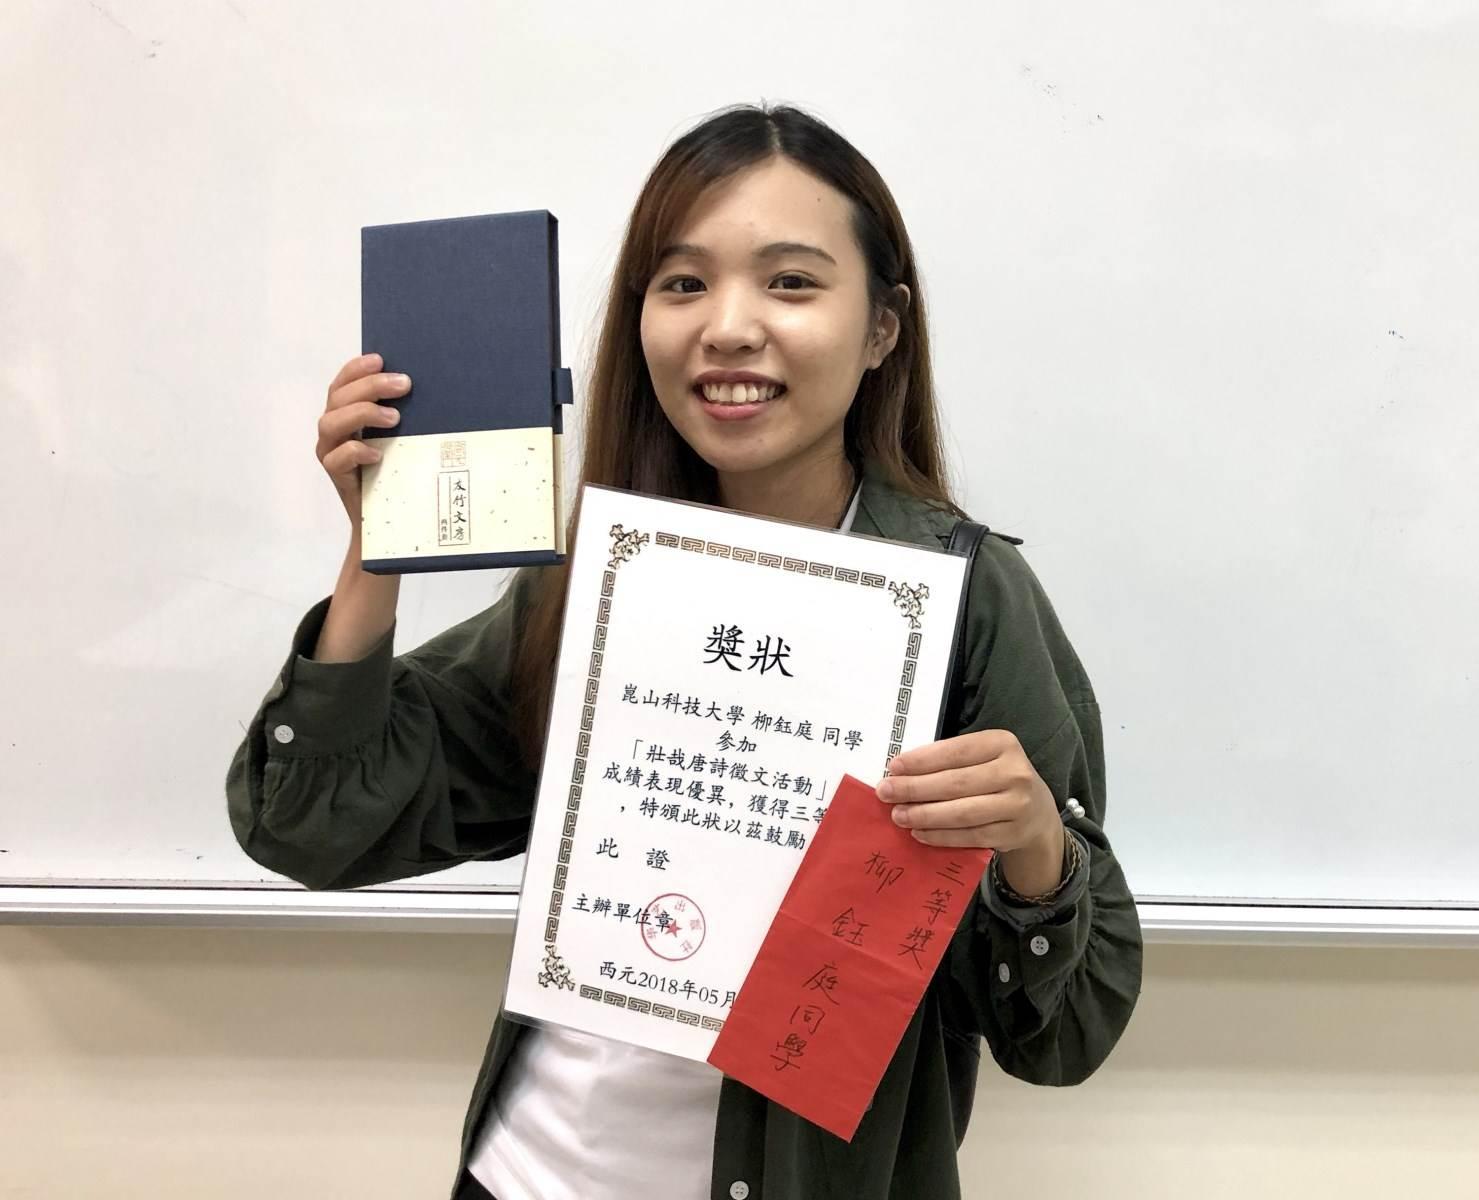 01.旅遊系柳鈺庭獲唐詩競賽三等獎